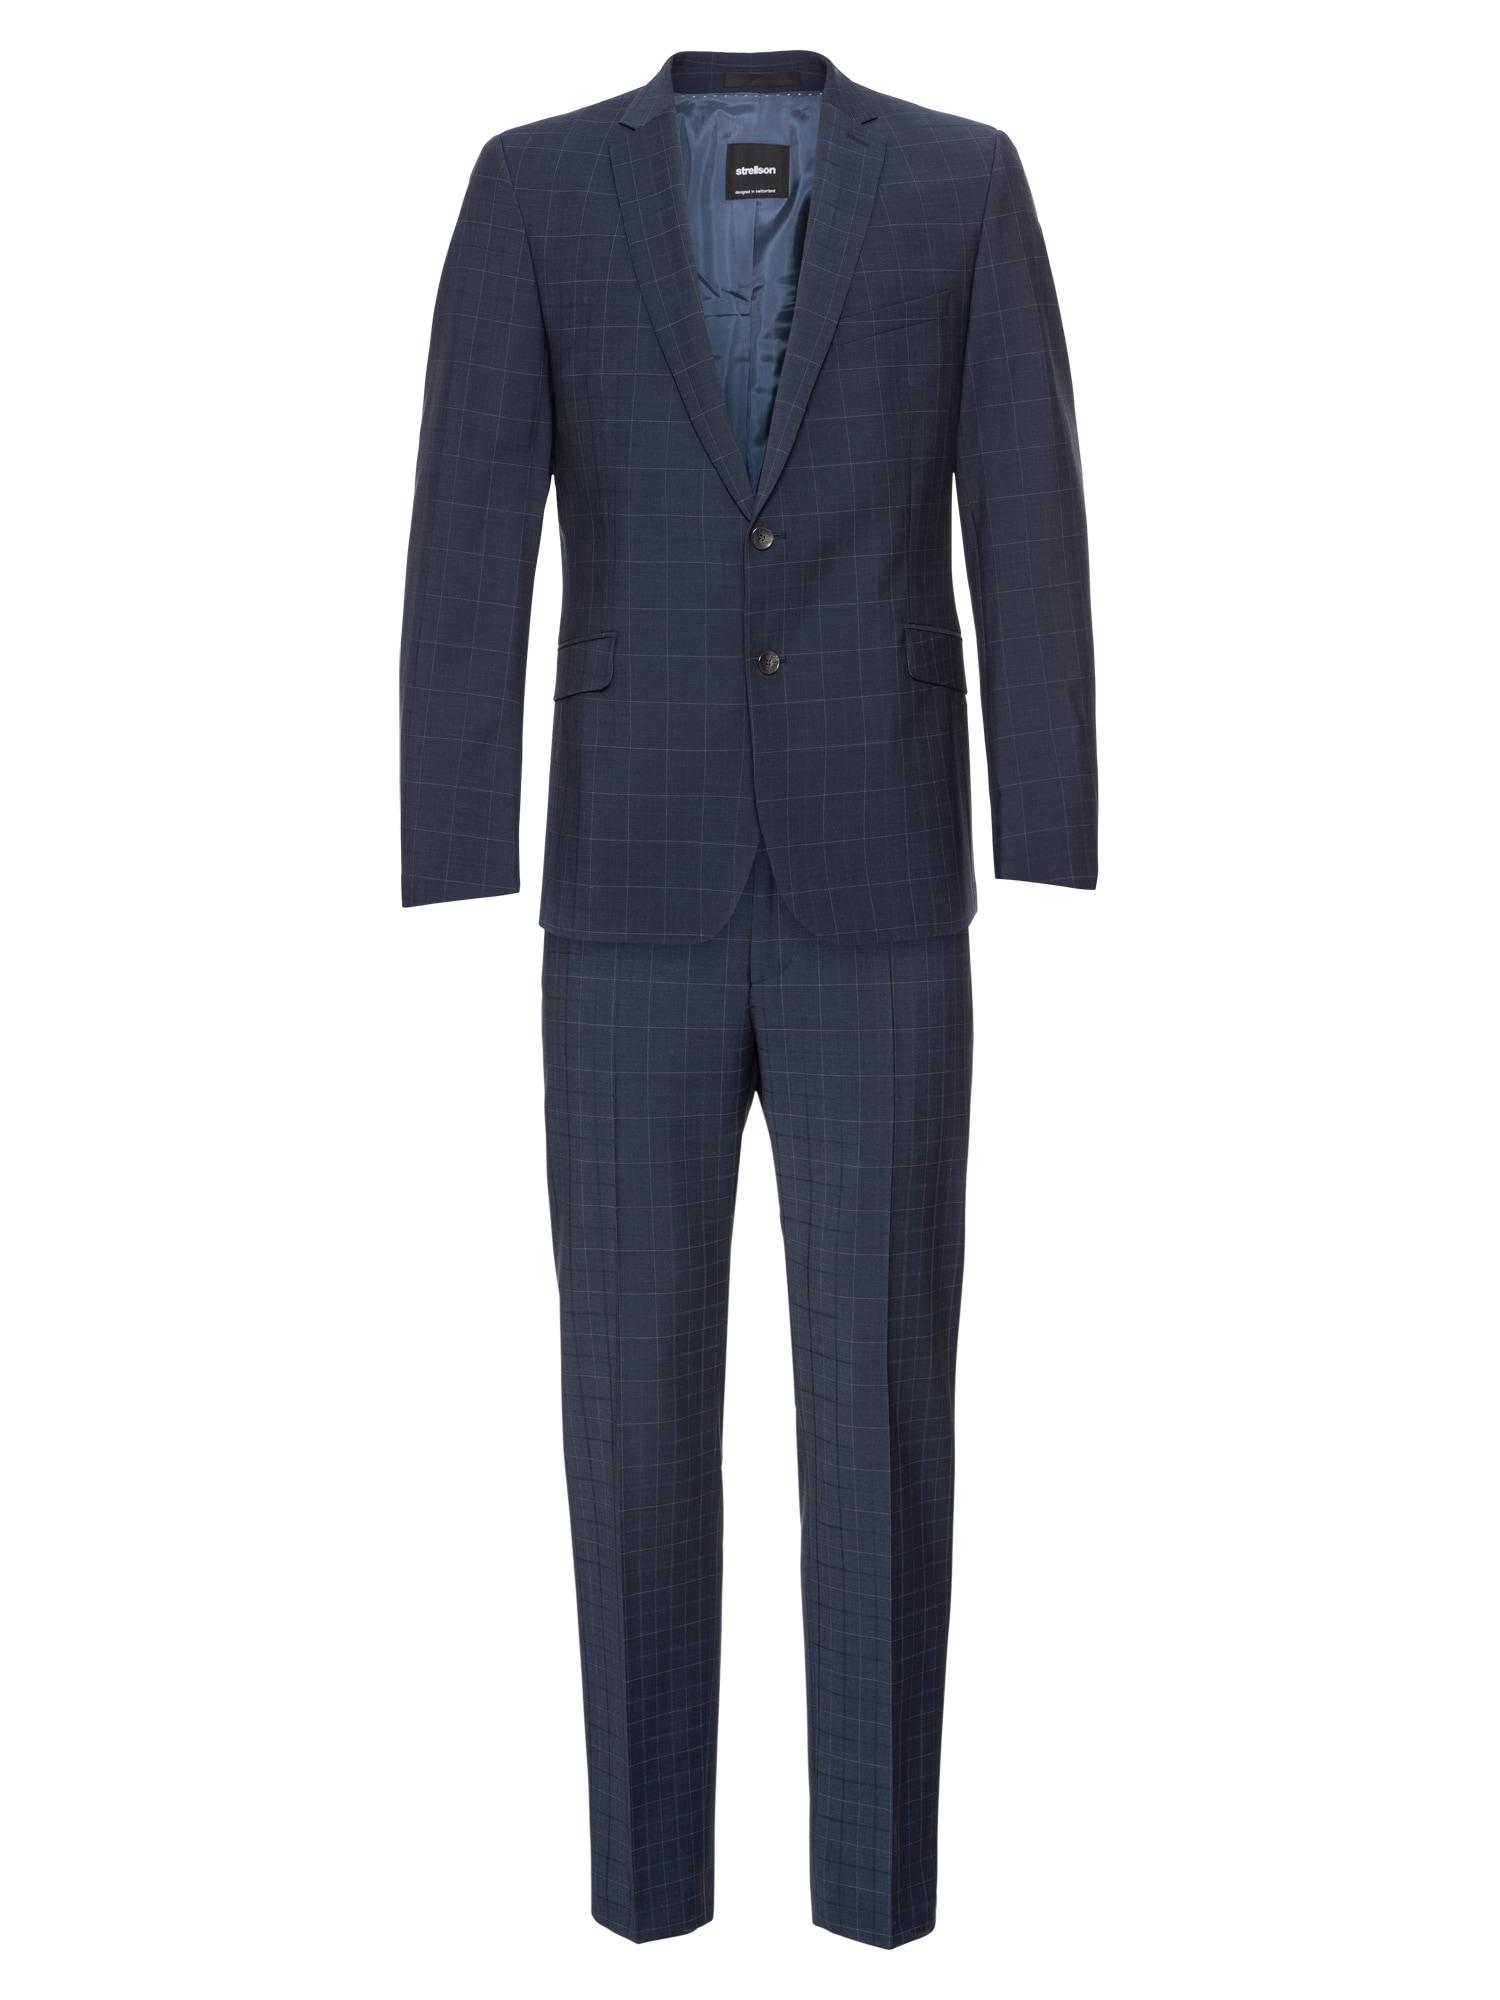 Oblek Allen Mercer 1000 tmavě modrá STRELLSON